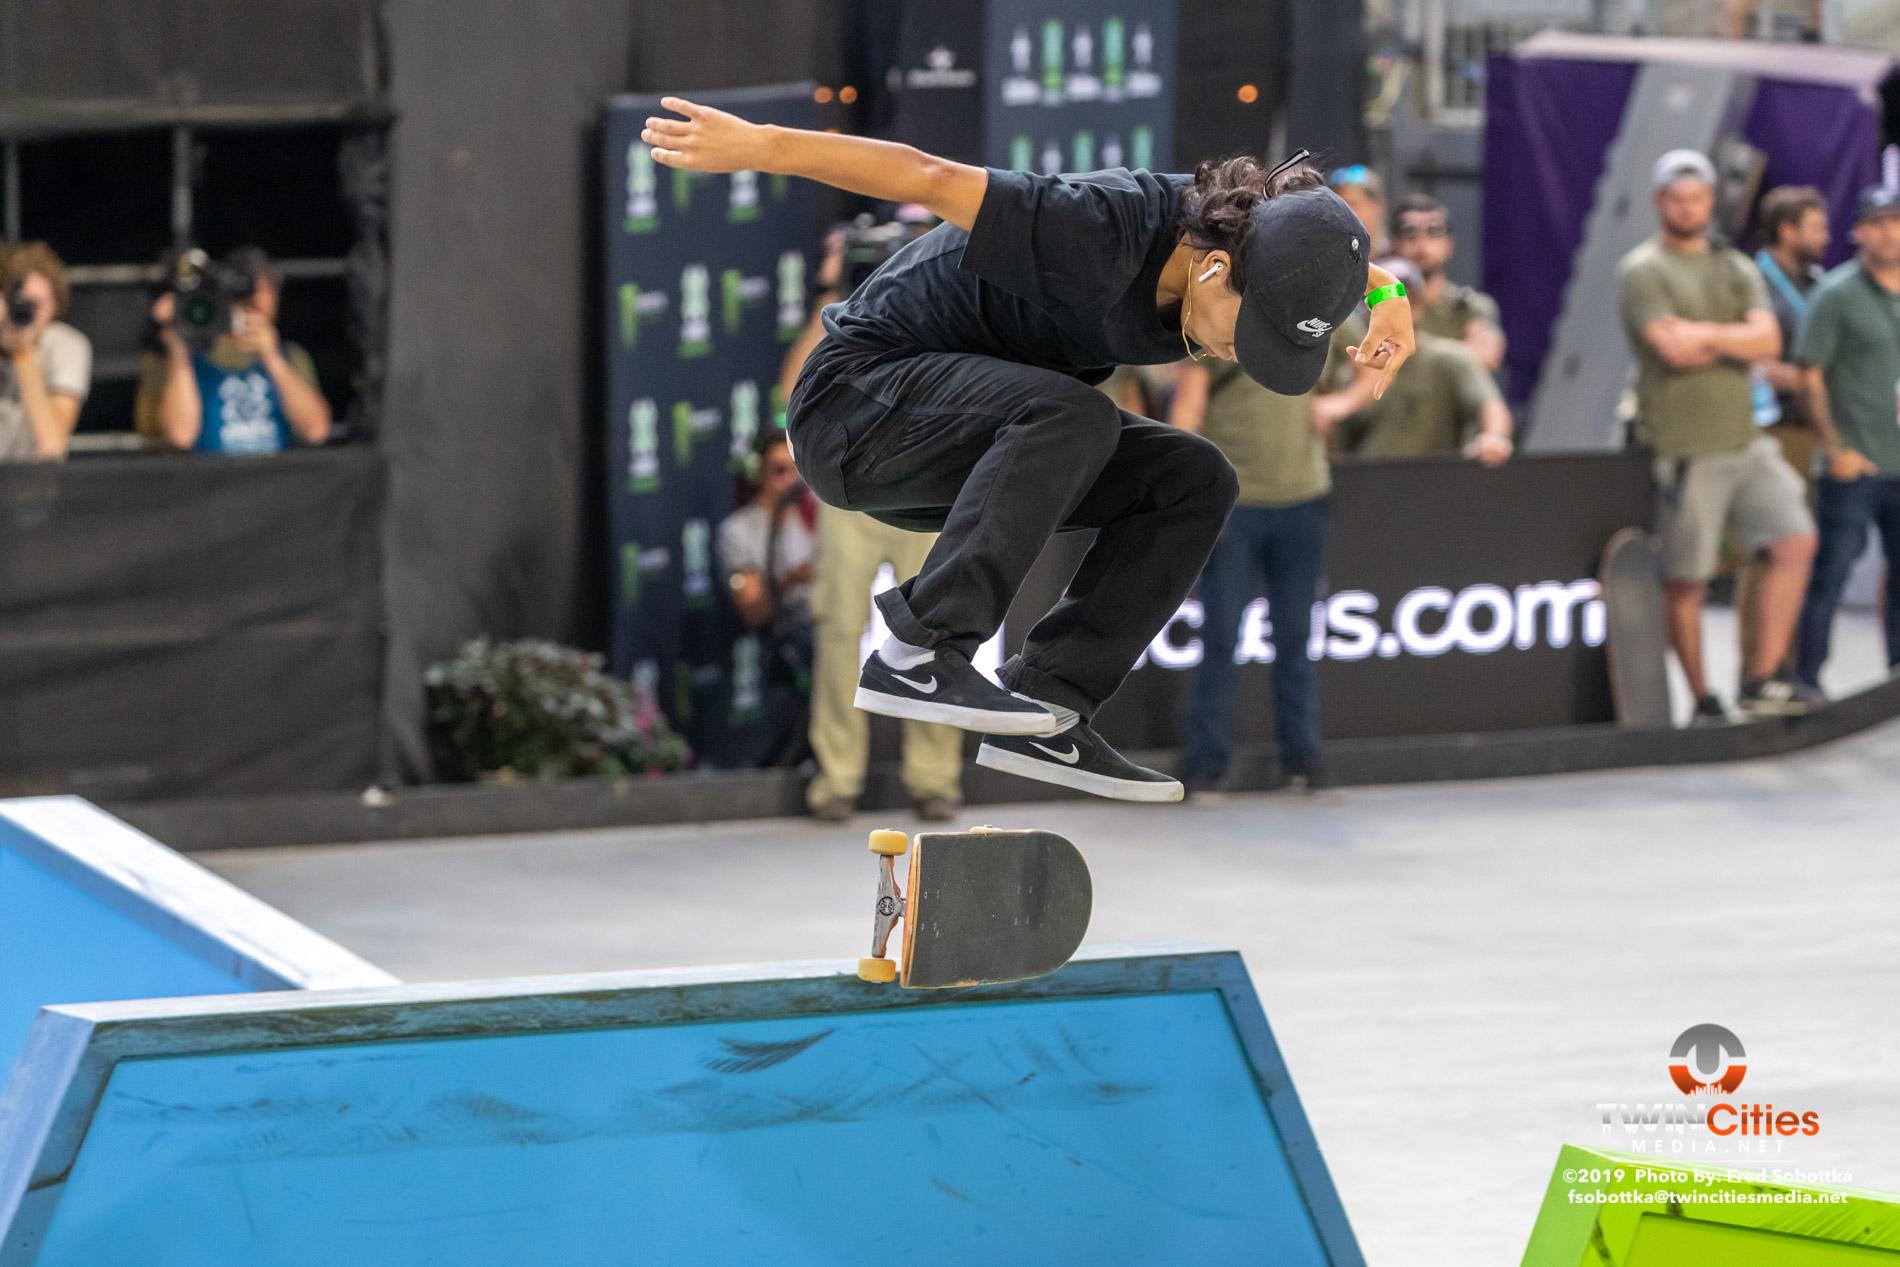 Monster-Energy-Mens-Skateboard-Street-05